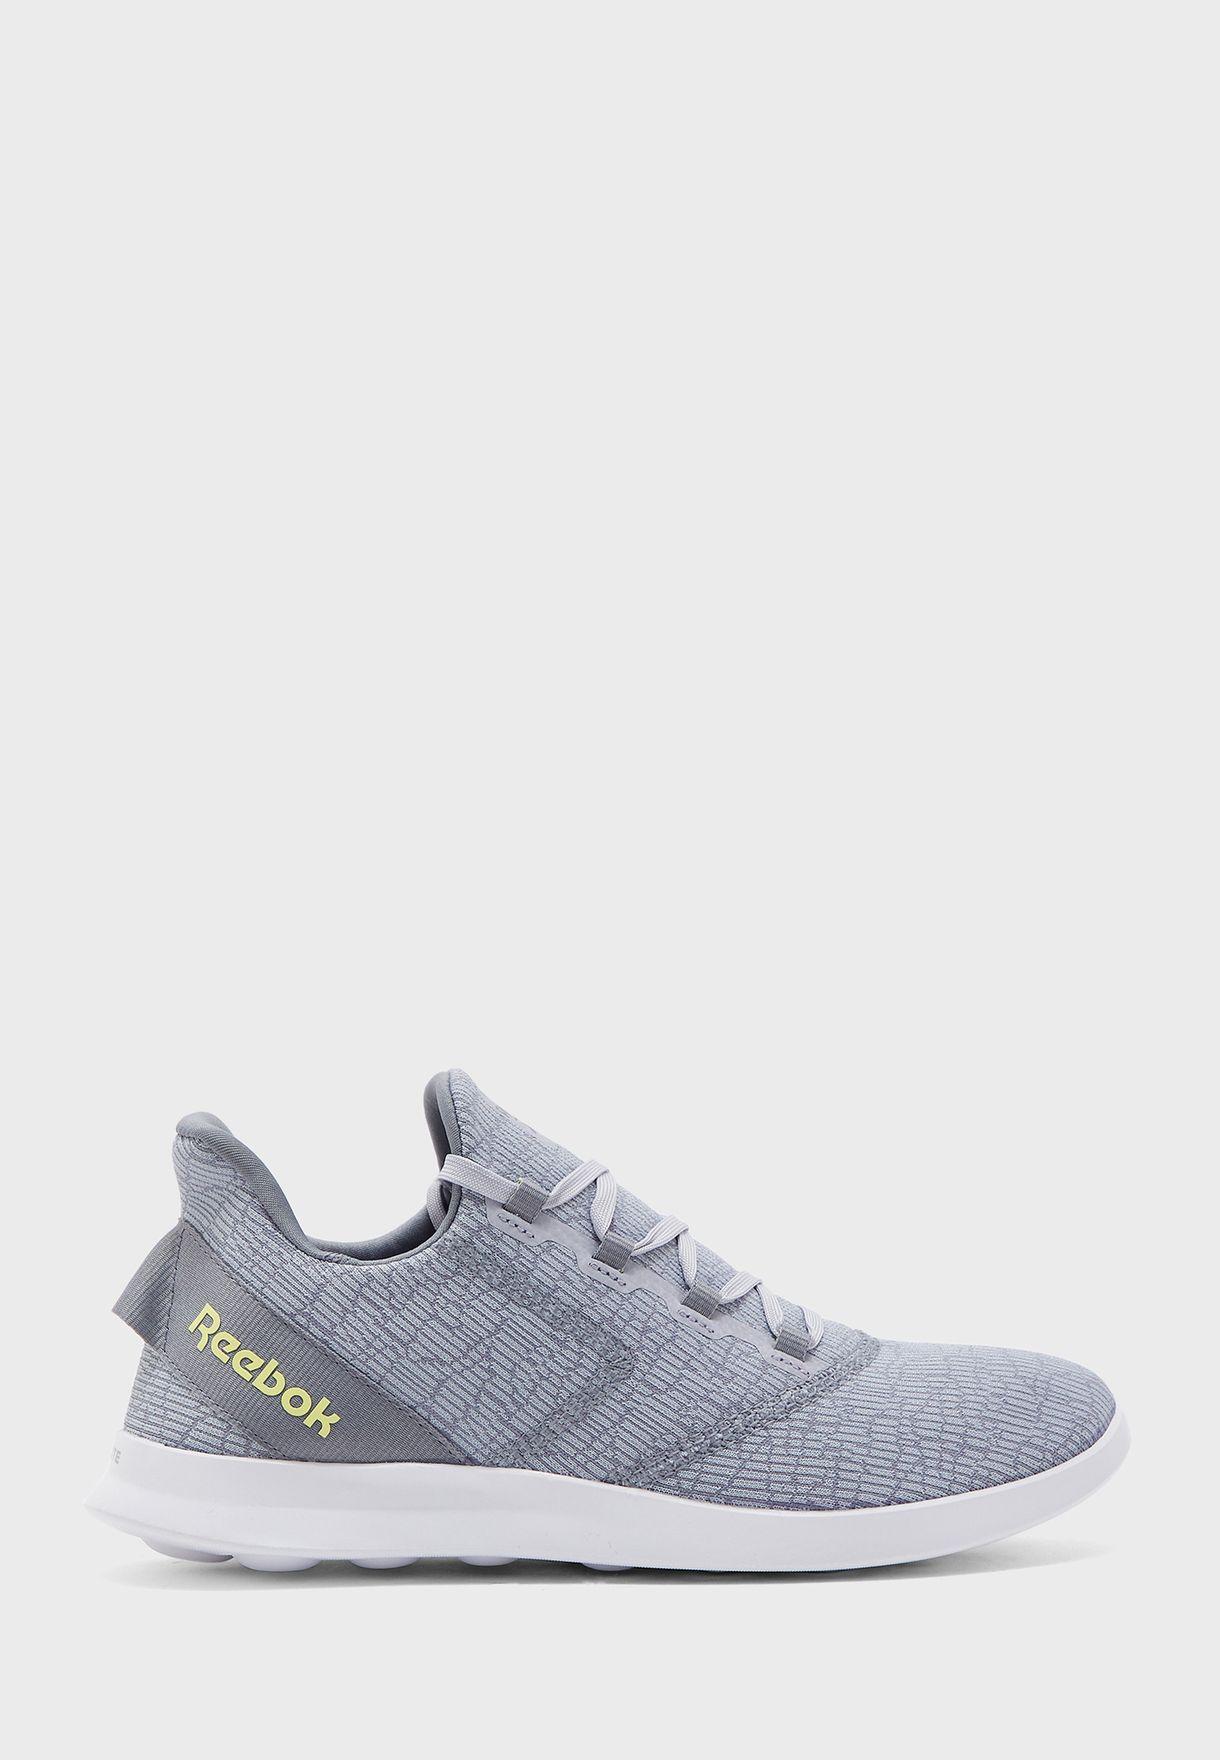 حذاء ايفازيور دي ام اكس لايت 2.0